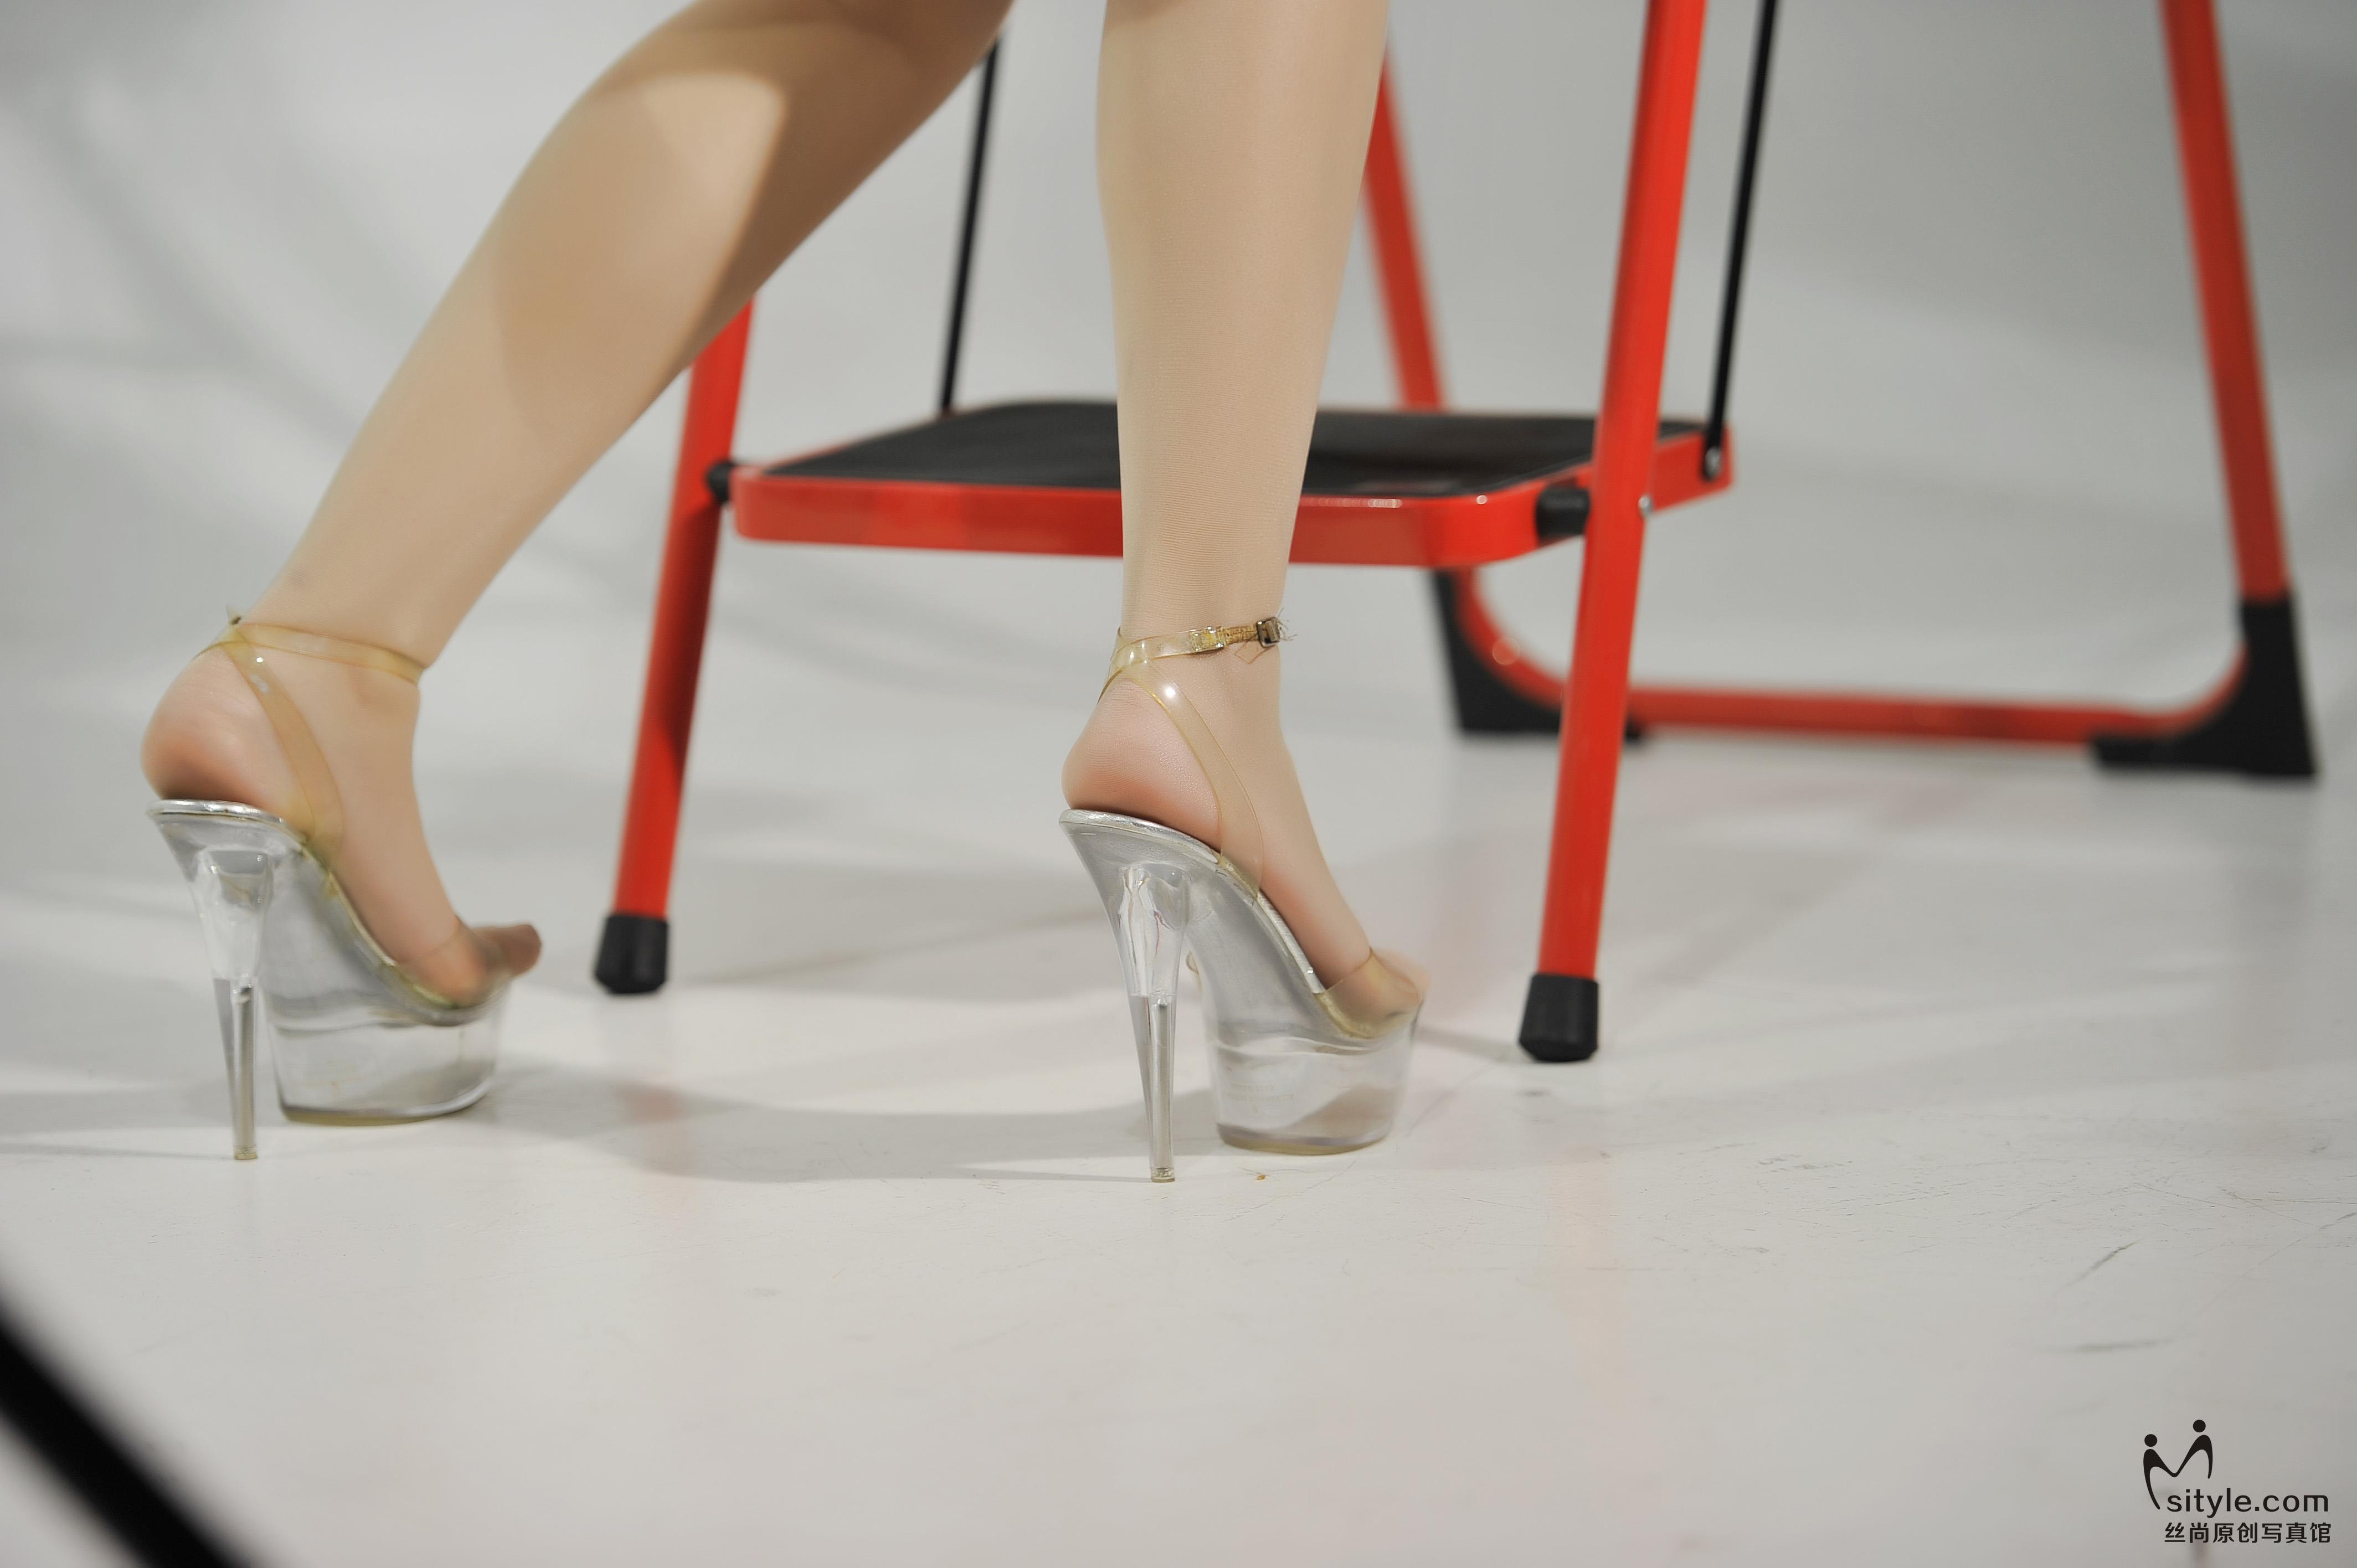 [Sityle丝尚写真]NO.010 红色短旗袍美女肉色丝袜美腿性感私房写真集,